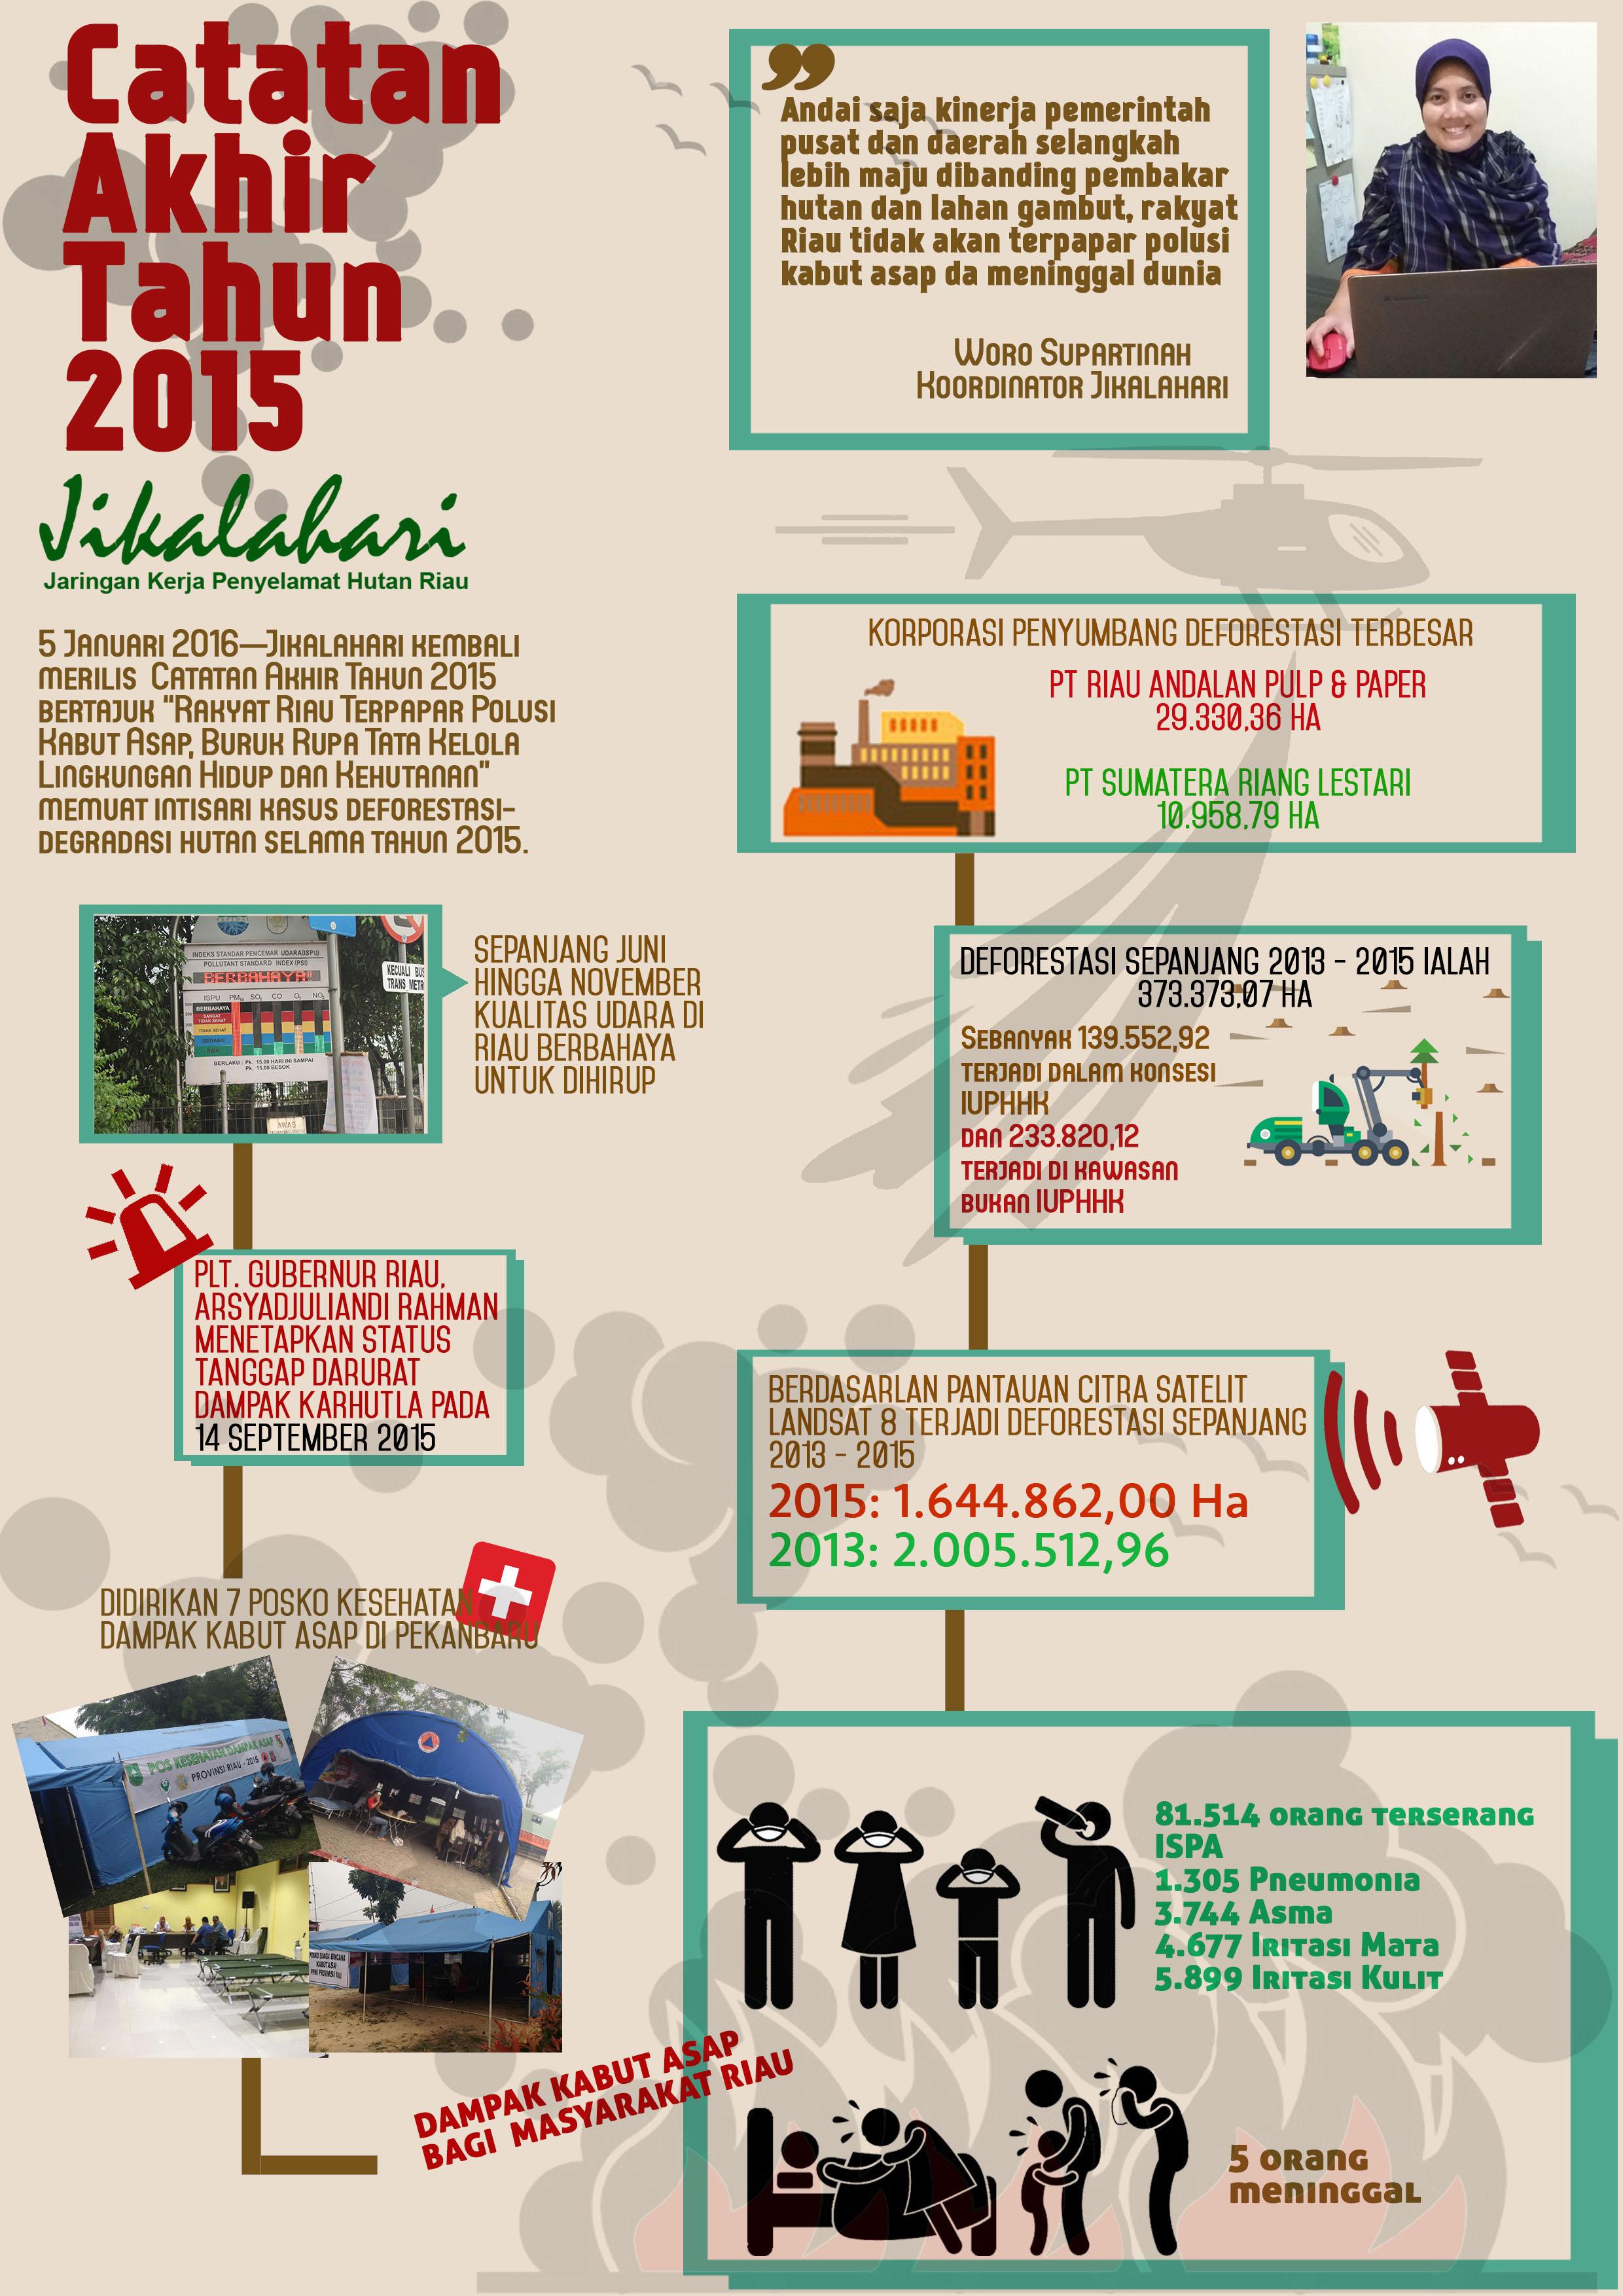 Catatan Akhir Tahun  Jikalahari 2015